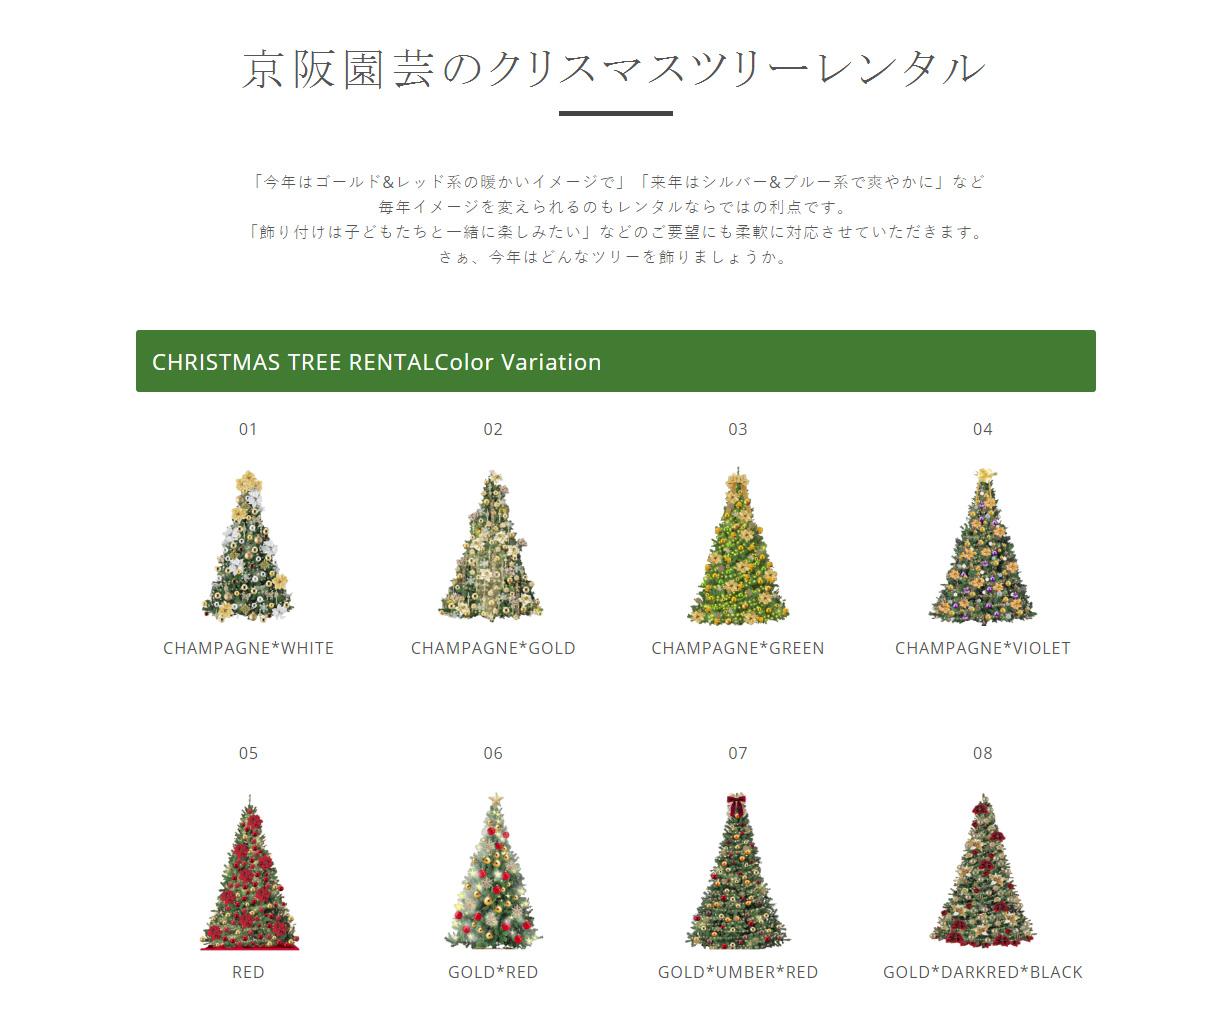 京阪園芸のクリスマスツリーレンタル